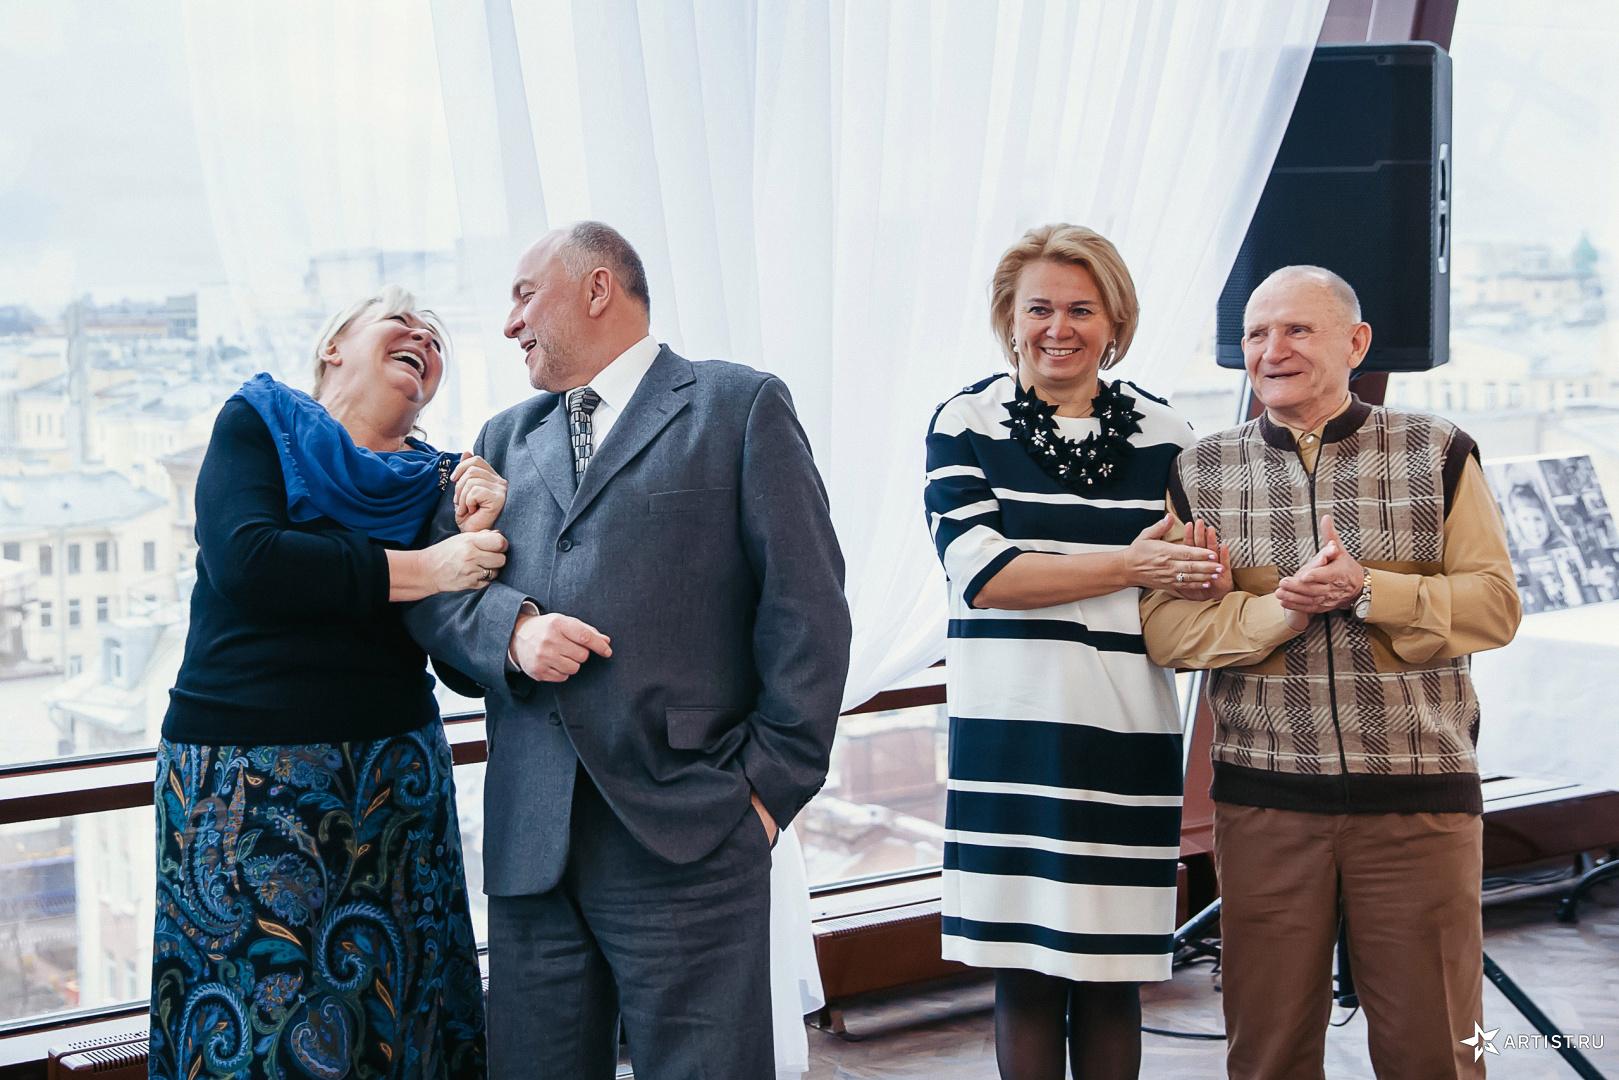 Фото 27 из 29 из альбома Юбилей 60 лет Андрея Кислого